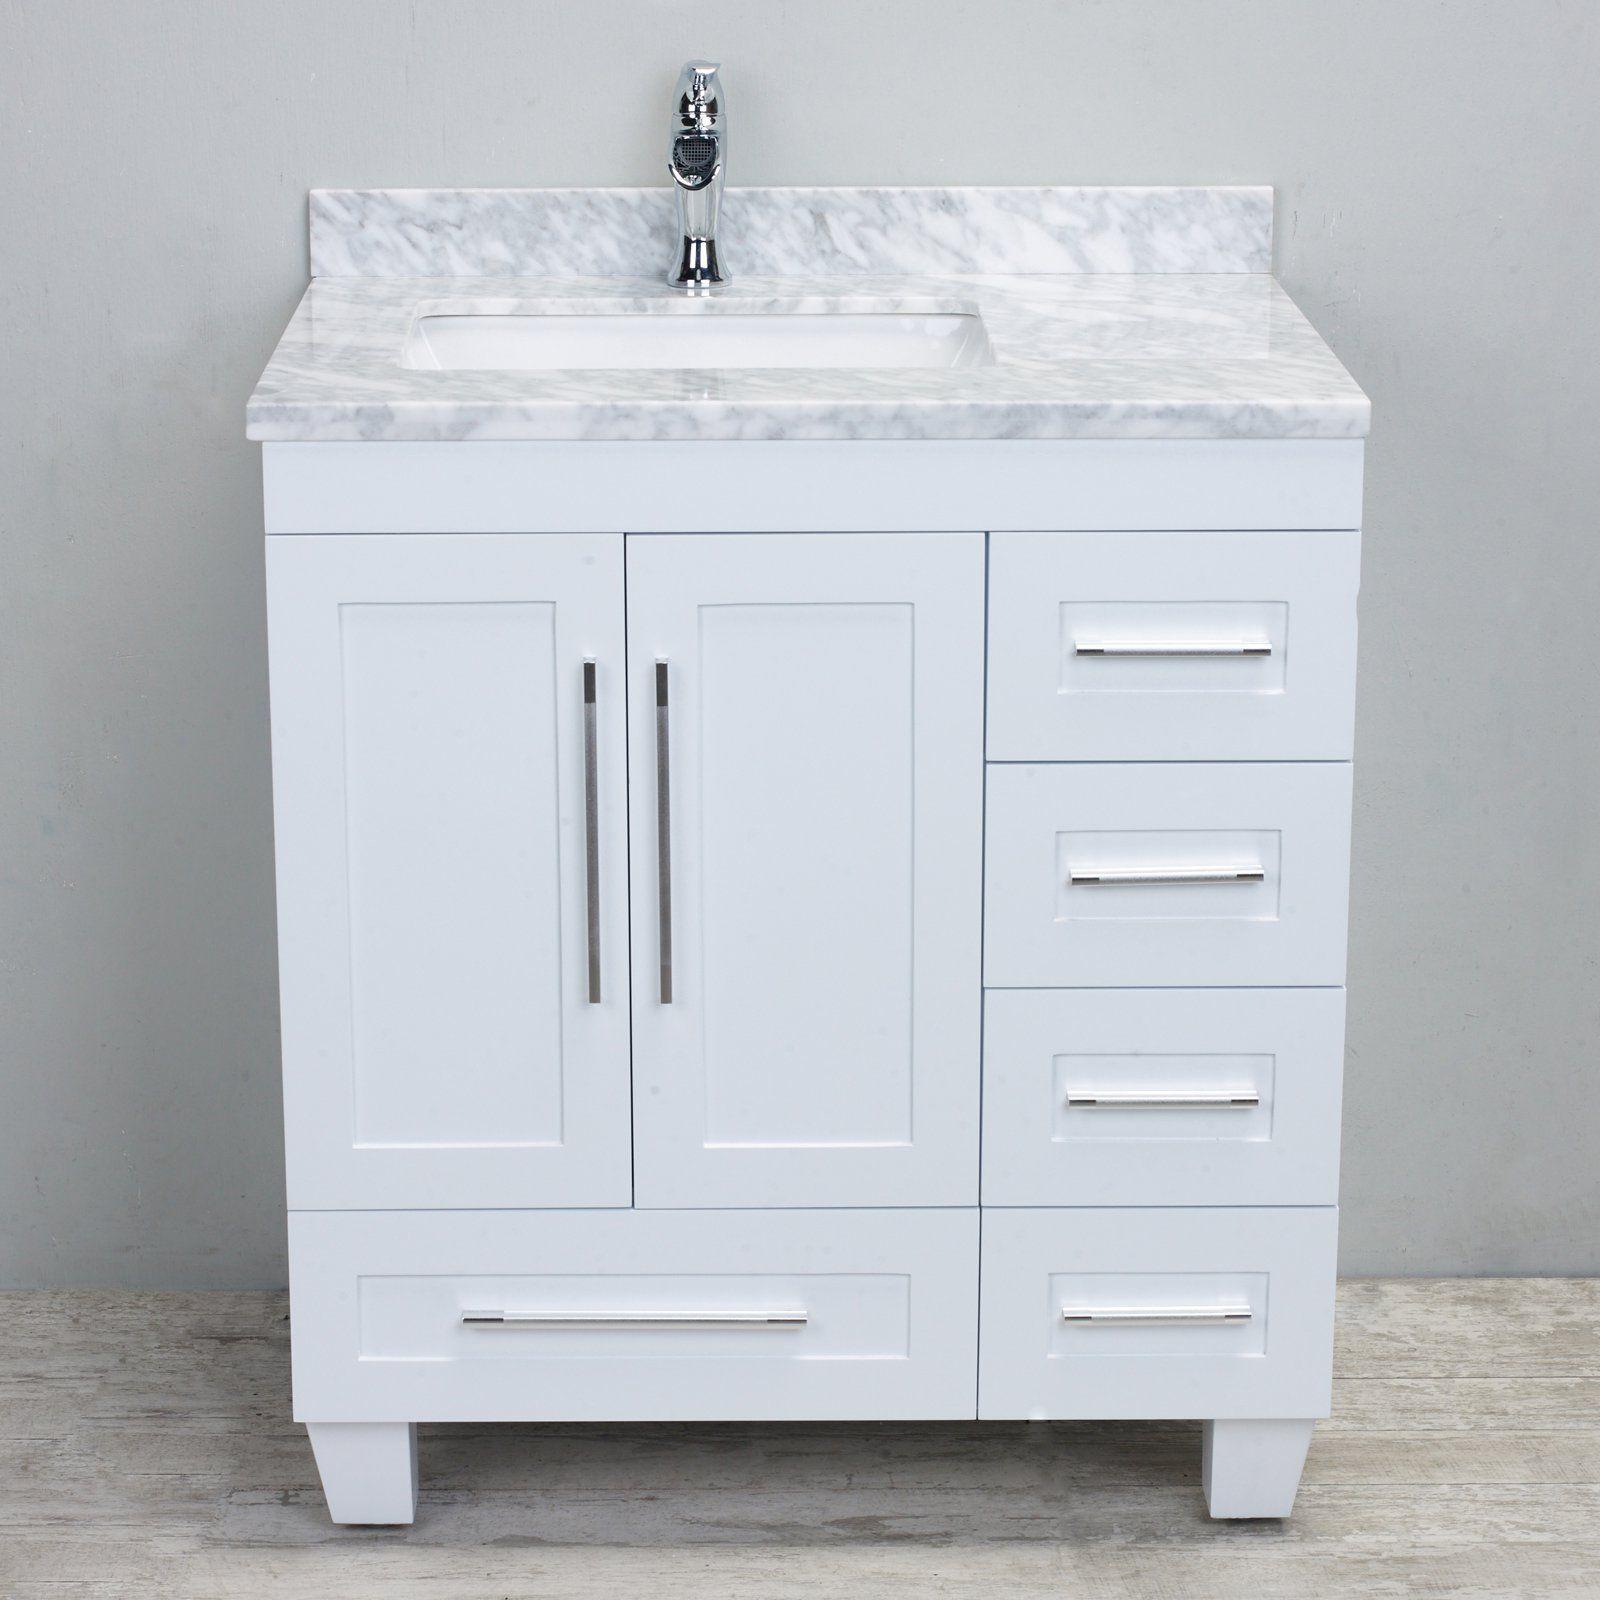 Eviva Loon 30 In Single Sink Bathroom Vanity White Bathroomdiy With Images Single Sink Bathroom Vanity Diy Bathroom Vanity Makeover White Vanity Bathroom